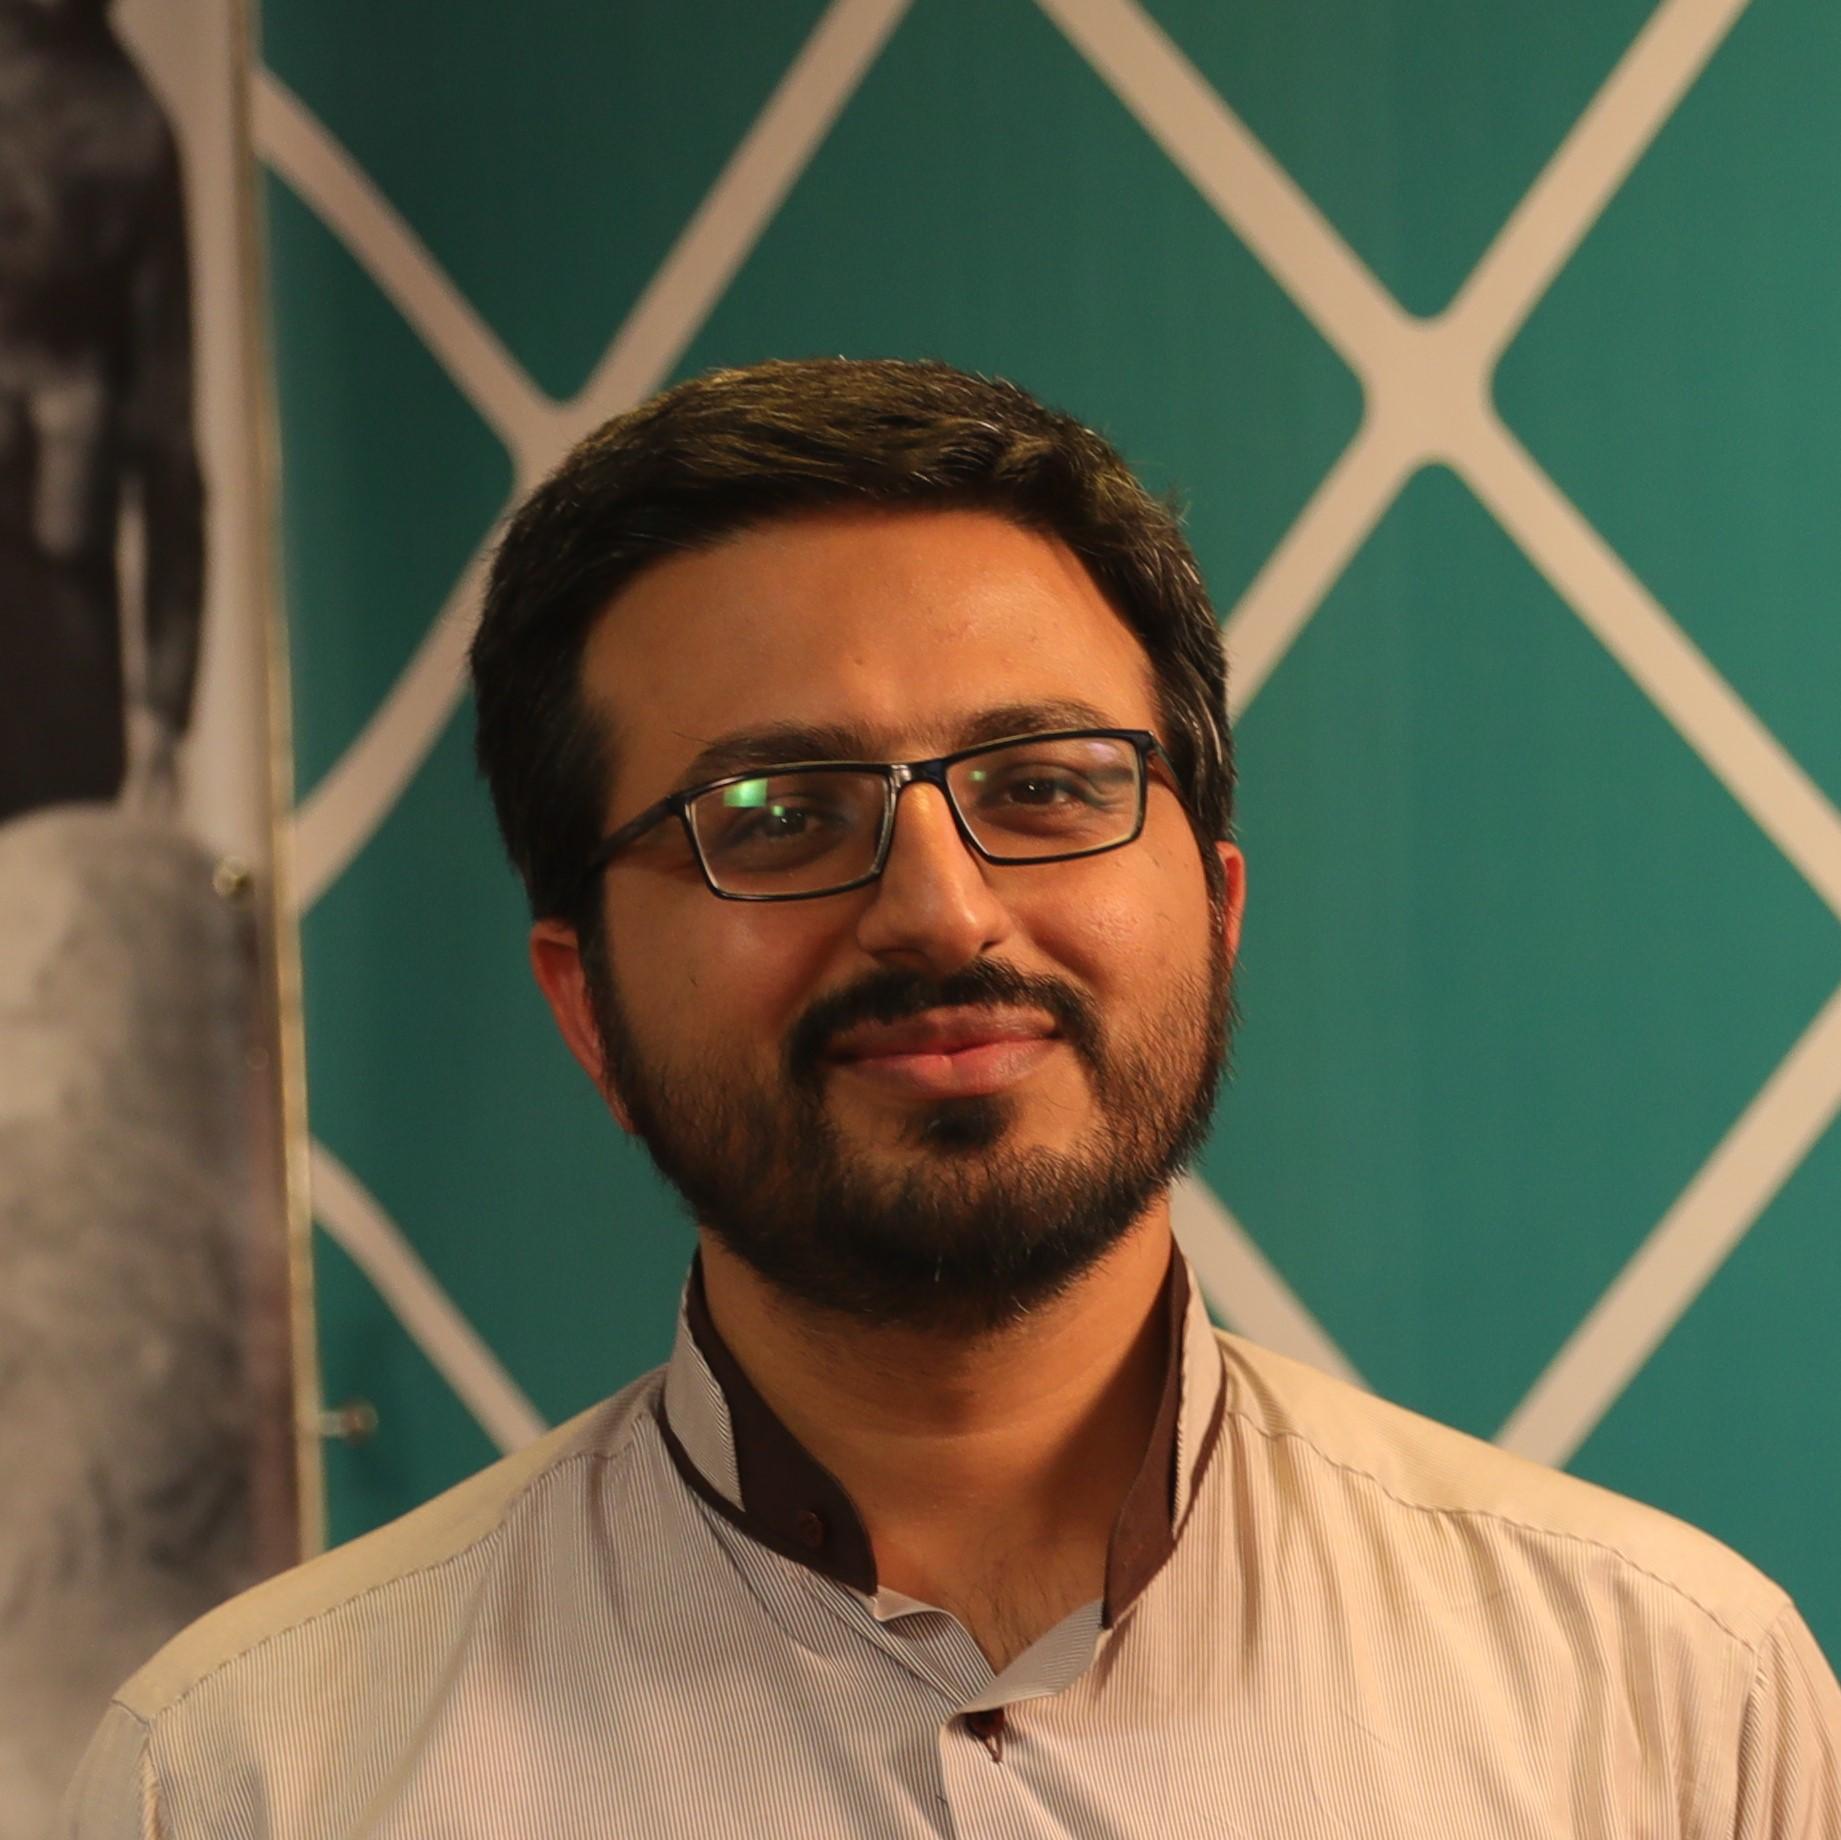 جمال یزدانی